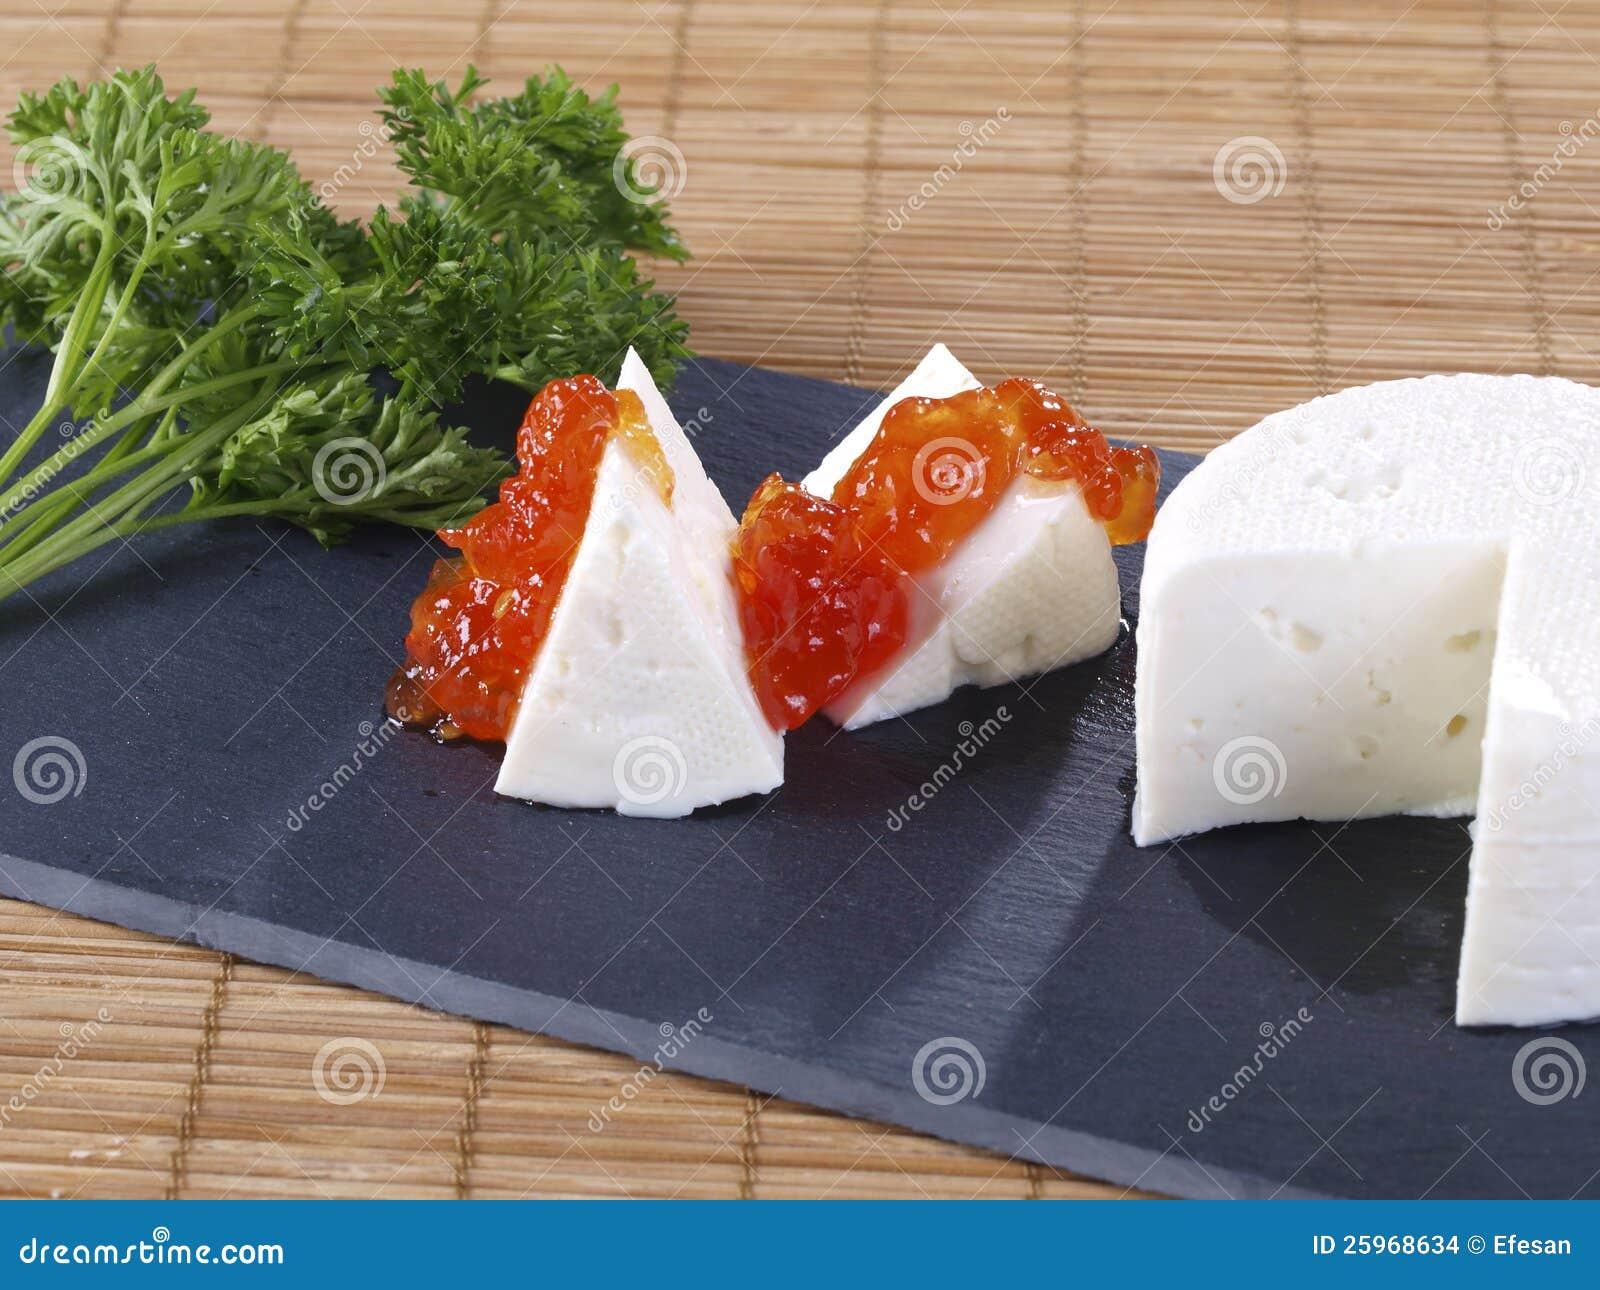 Esperma en una rebanada de pan y mermelada 5